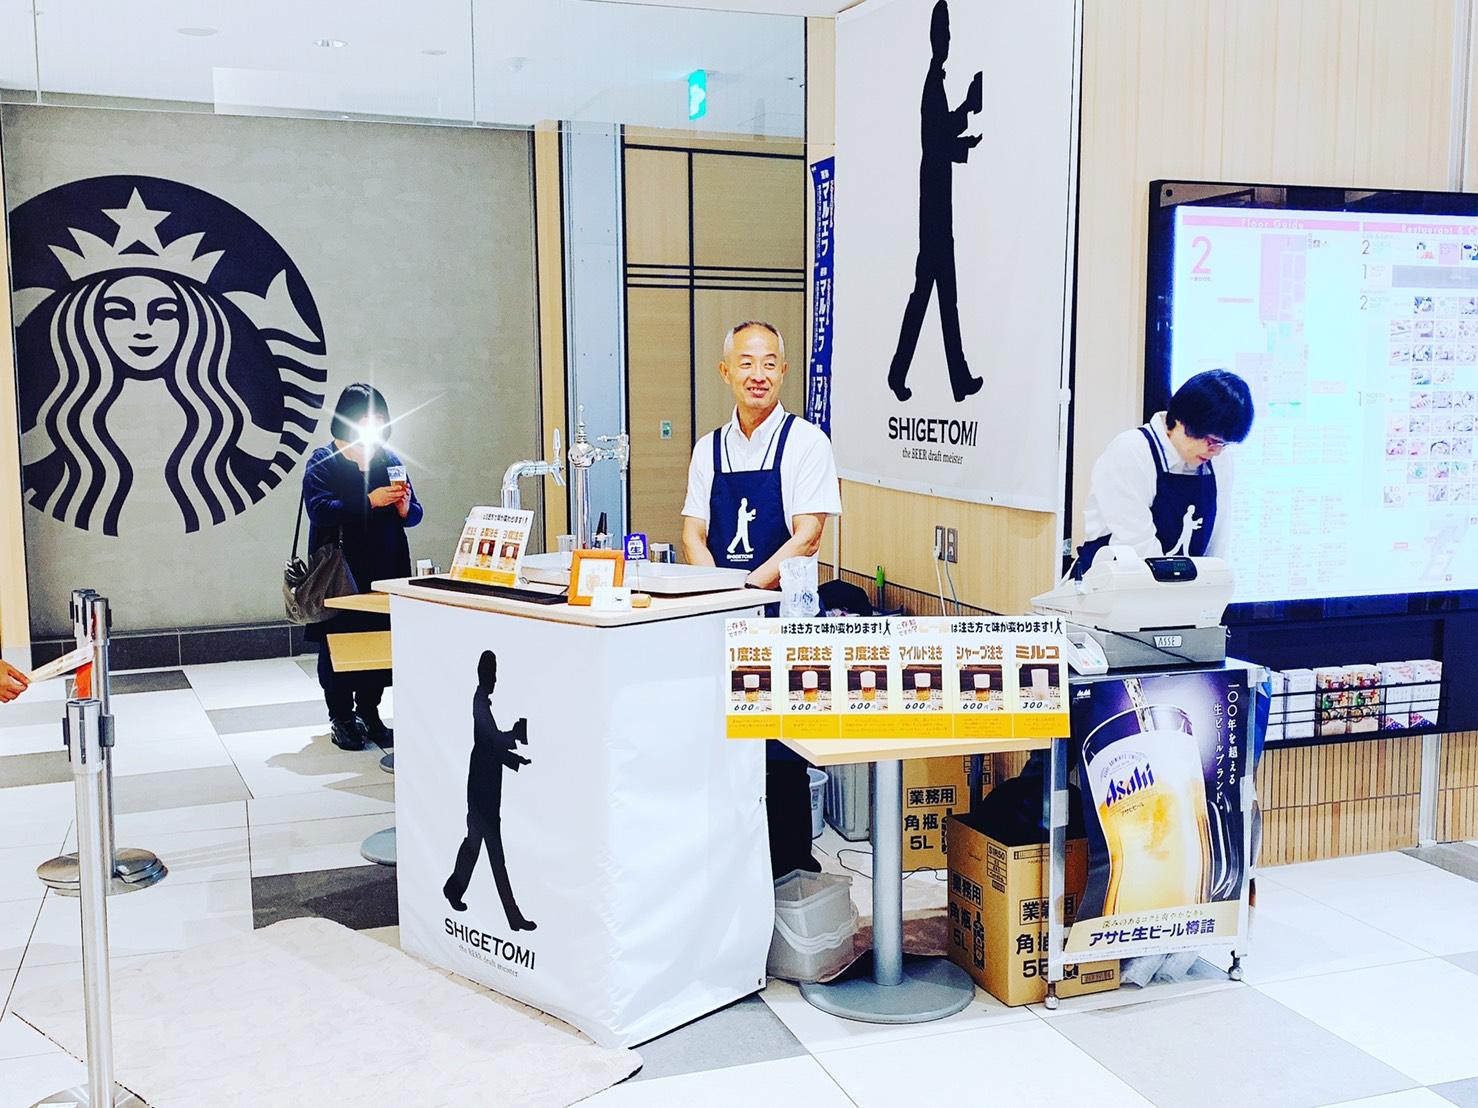 広島駅ekie(エキエ)でビールスタンド重富さんが5月10日から5月12日まで